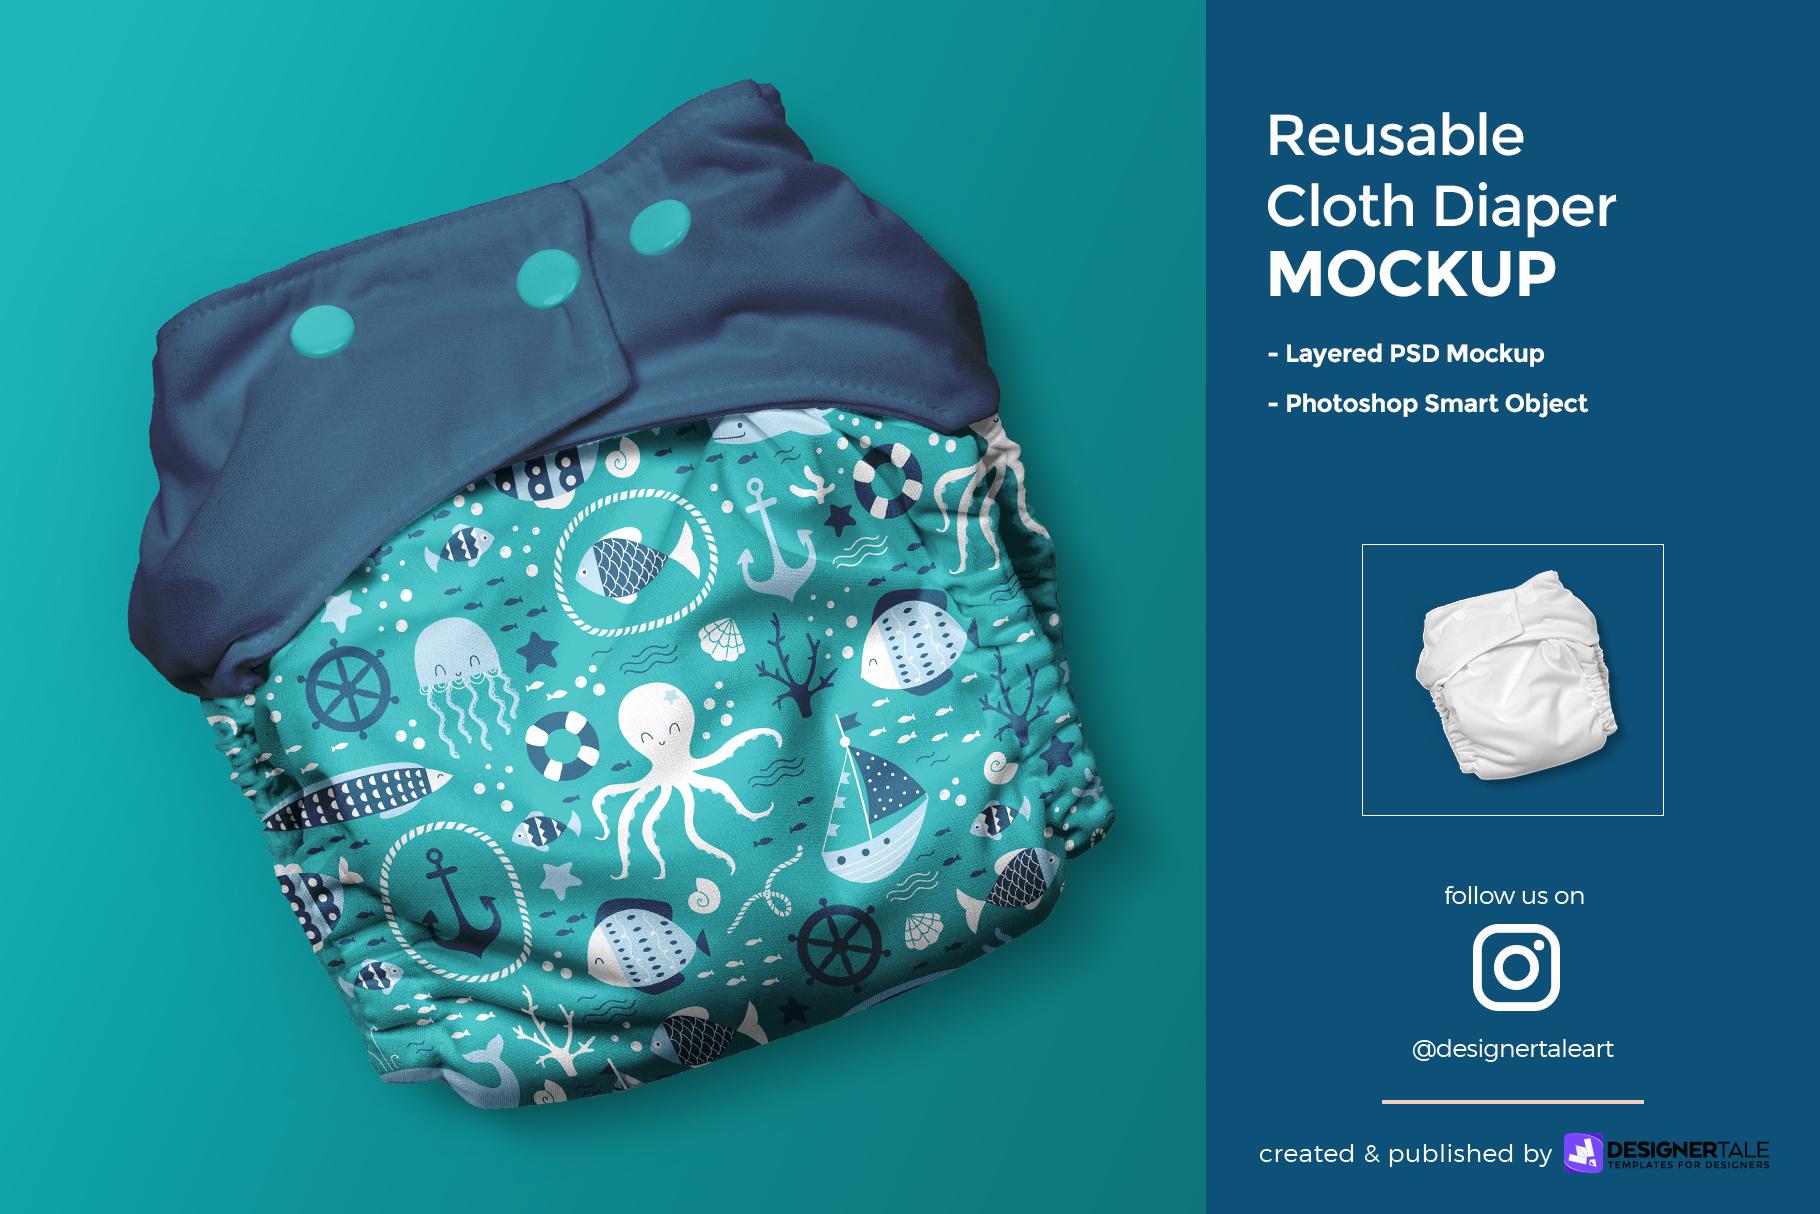 reusable cloth diaper mockup